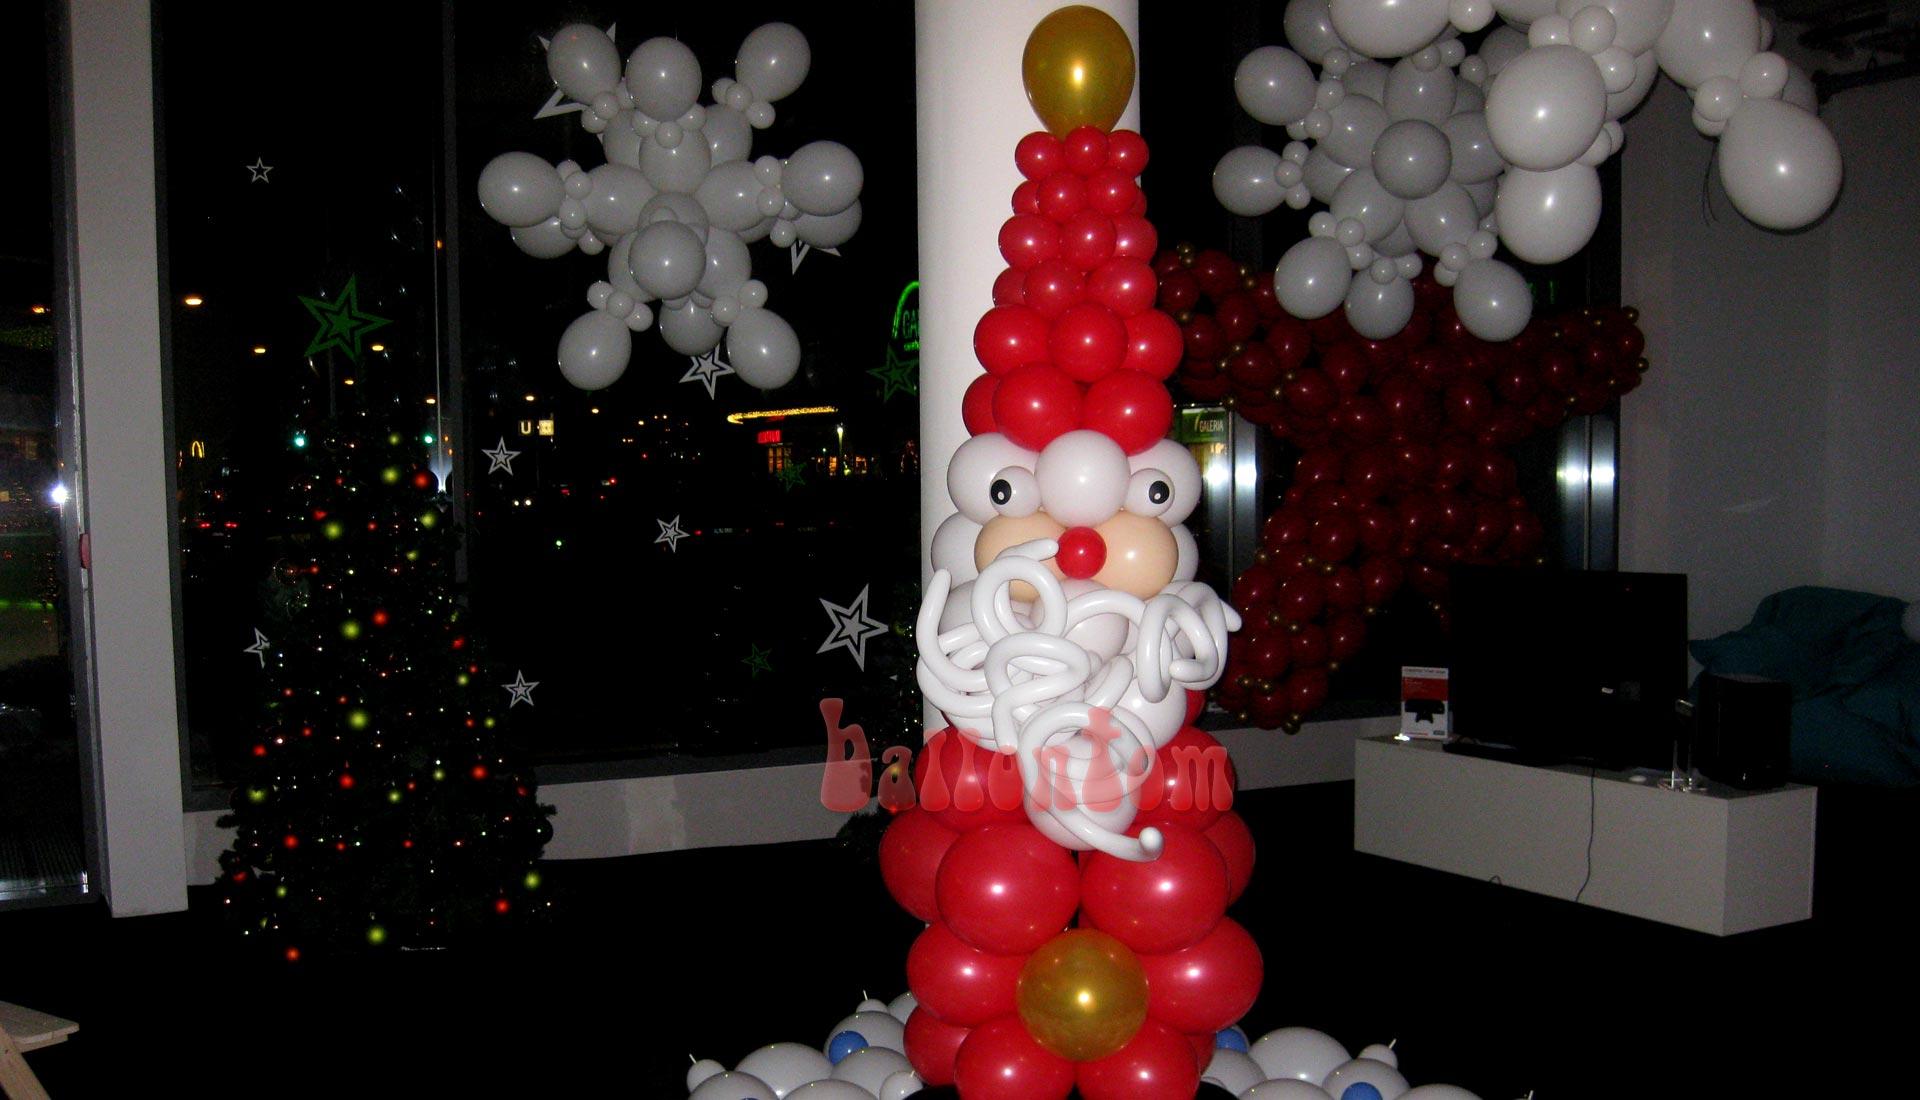 Weihnachtsmann für das Mona Einkauf-Center in München